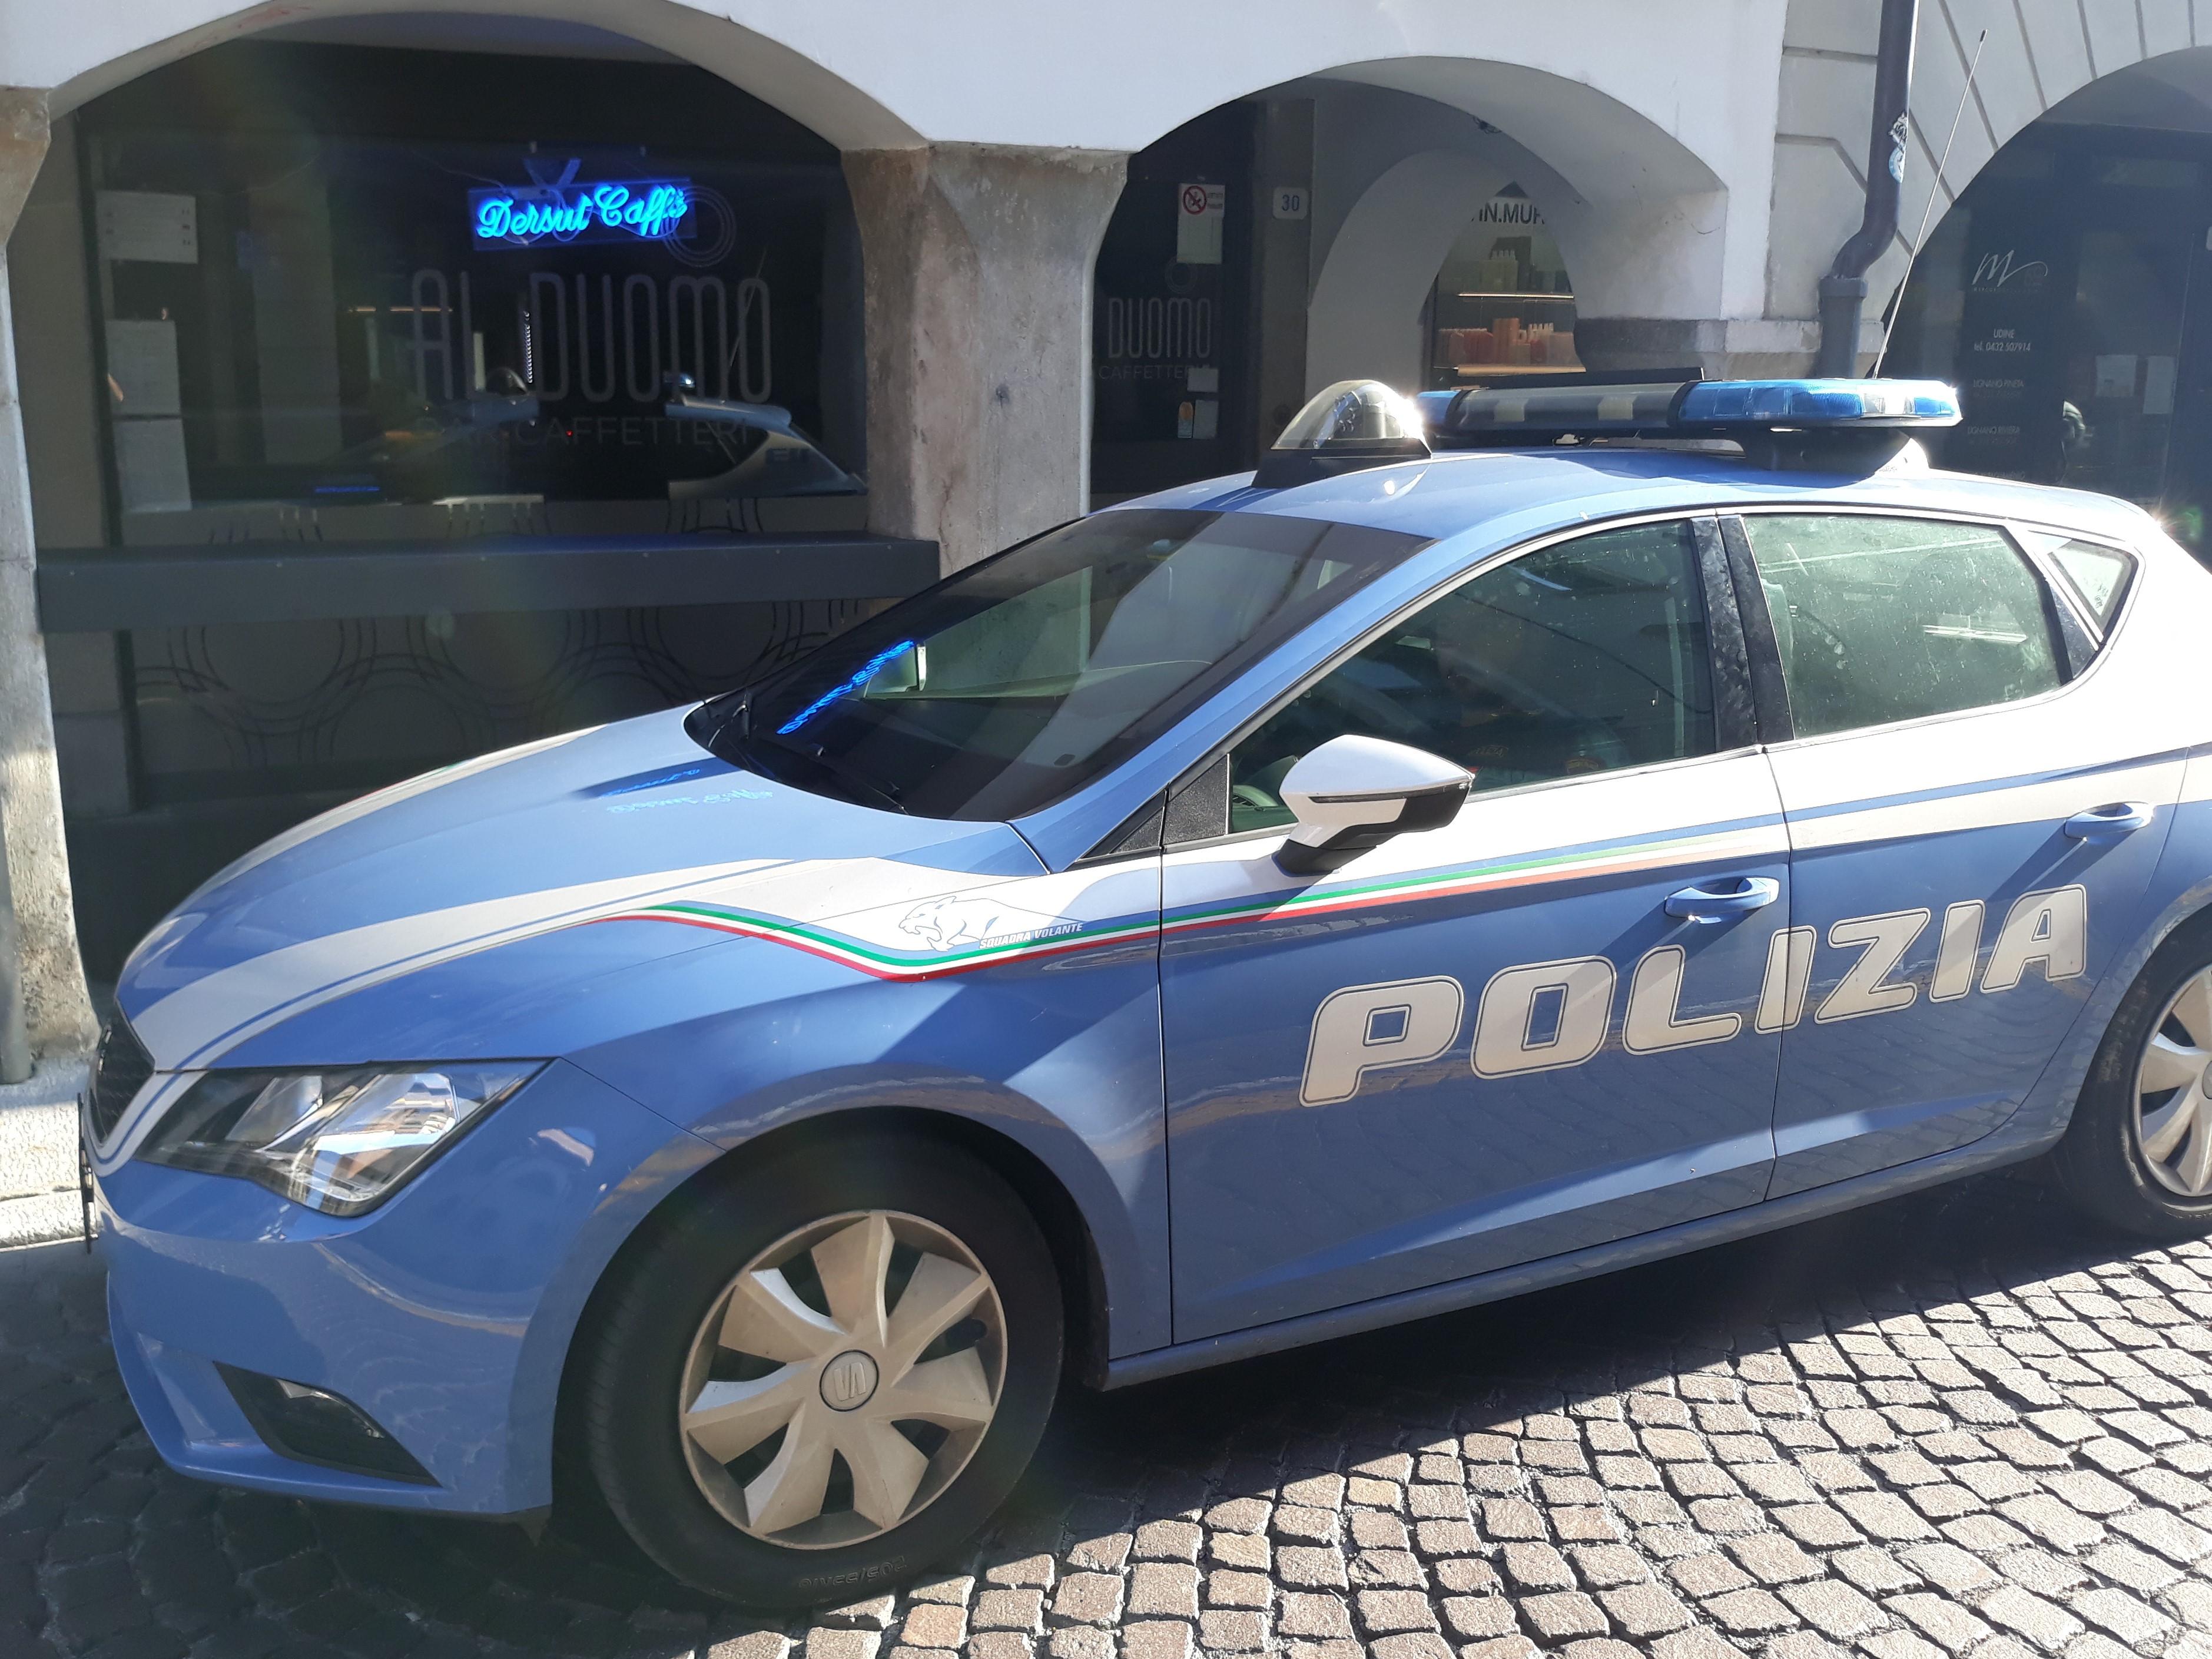 Ufficio Del Lavoro Udine : Affitto uffici a udine negozi locali e attività commerciali a